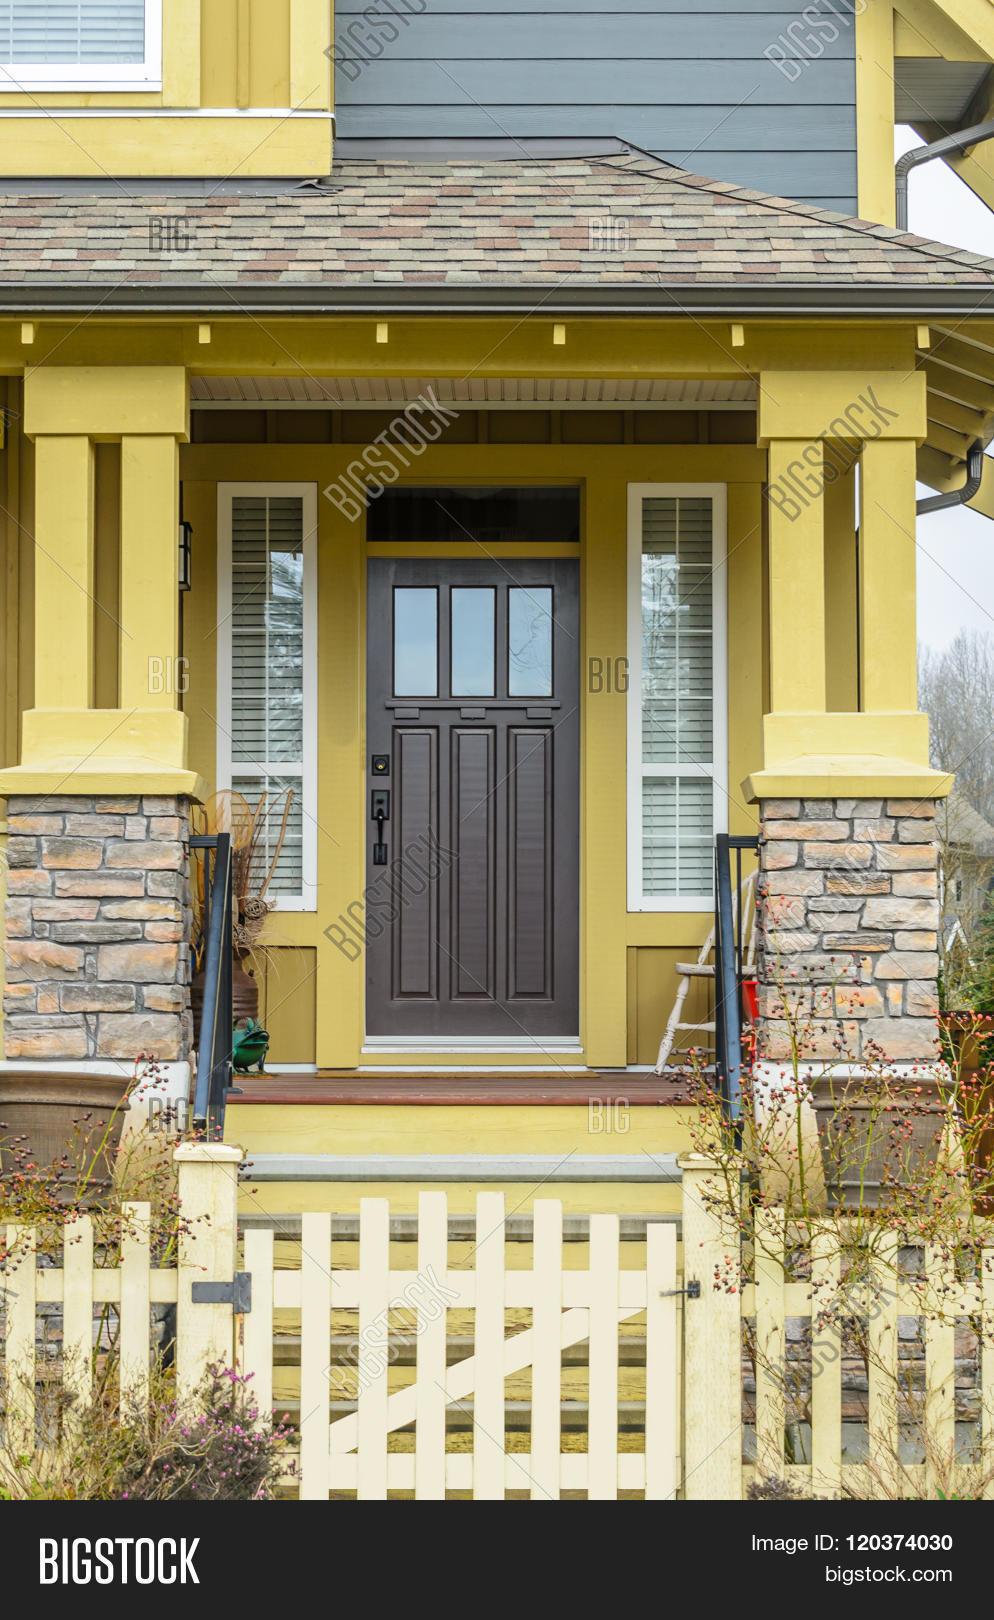 Nice Entrance Luxury House Image Photo Bigstock